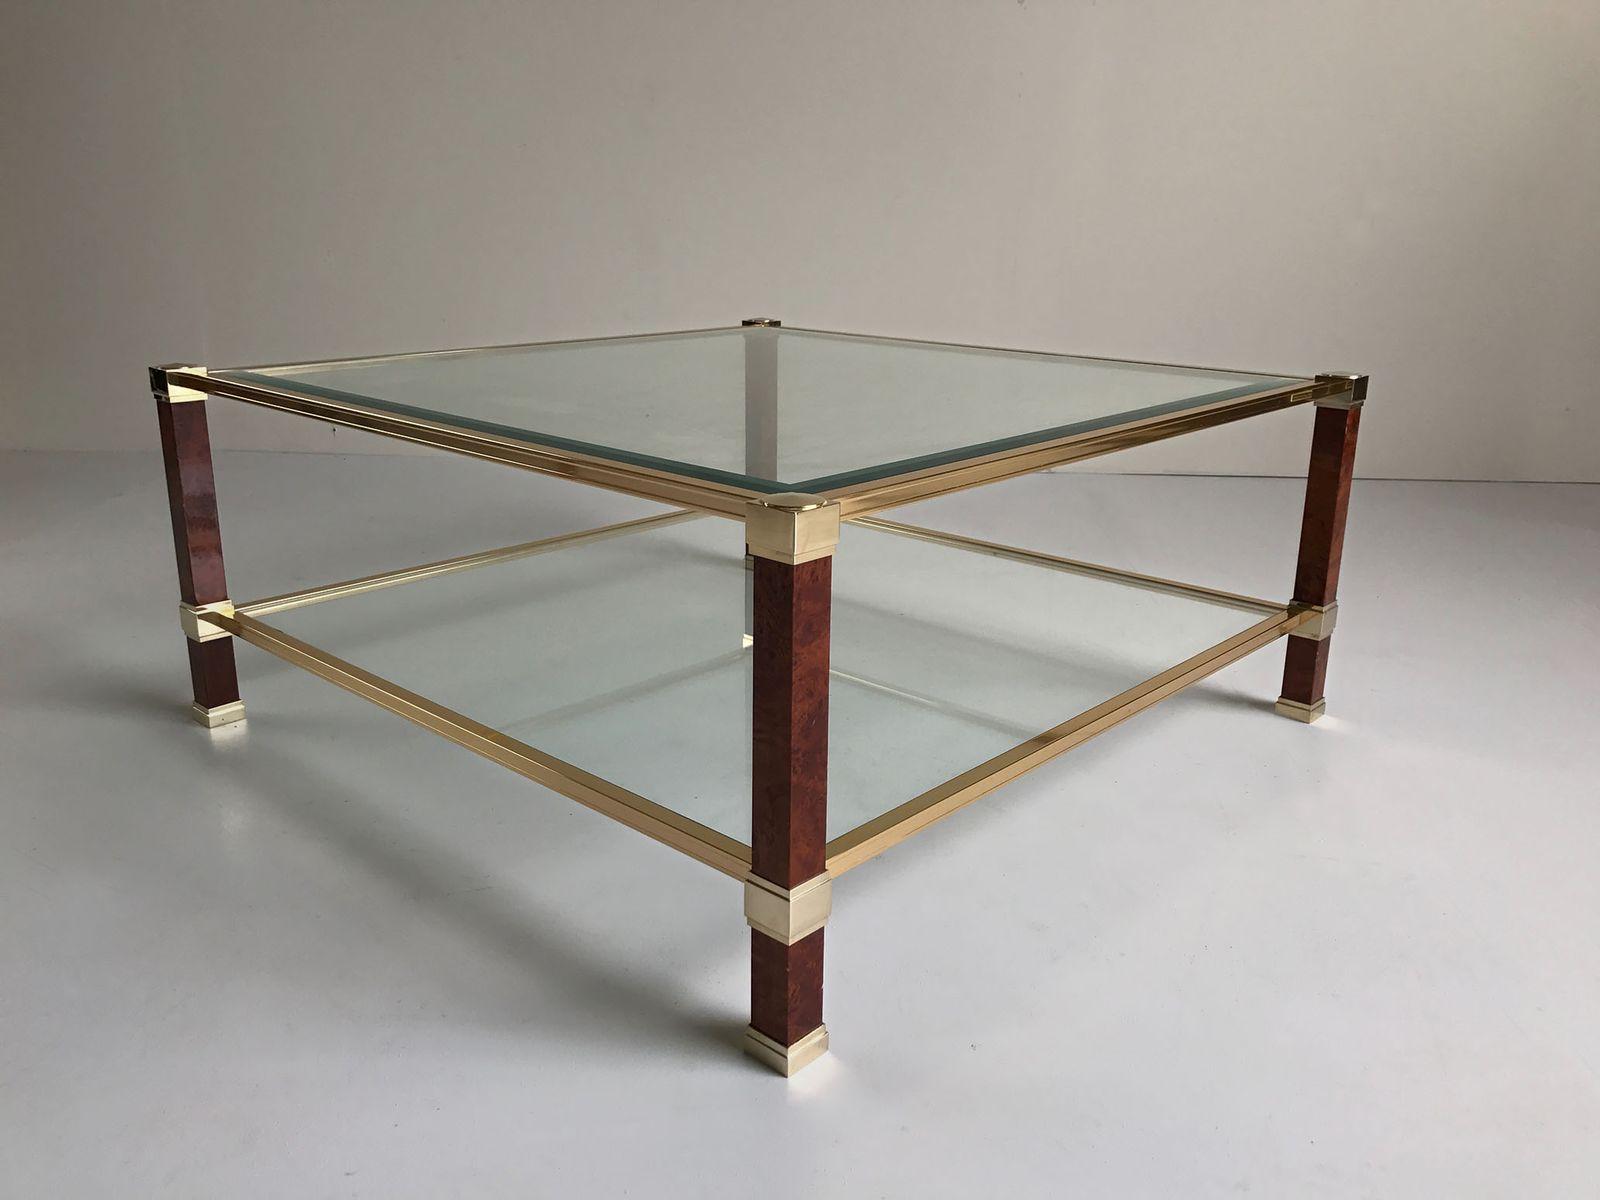 tisch mit doppelter ablage von pierre vandel 1980er bei pamono kaufen. Black Bedroom Furniture Sets. Home Design Ideas